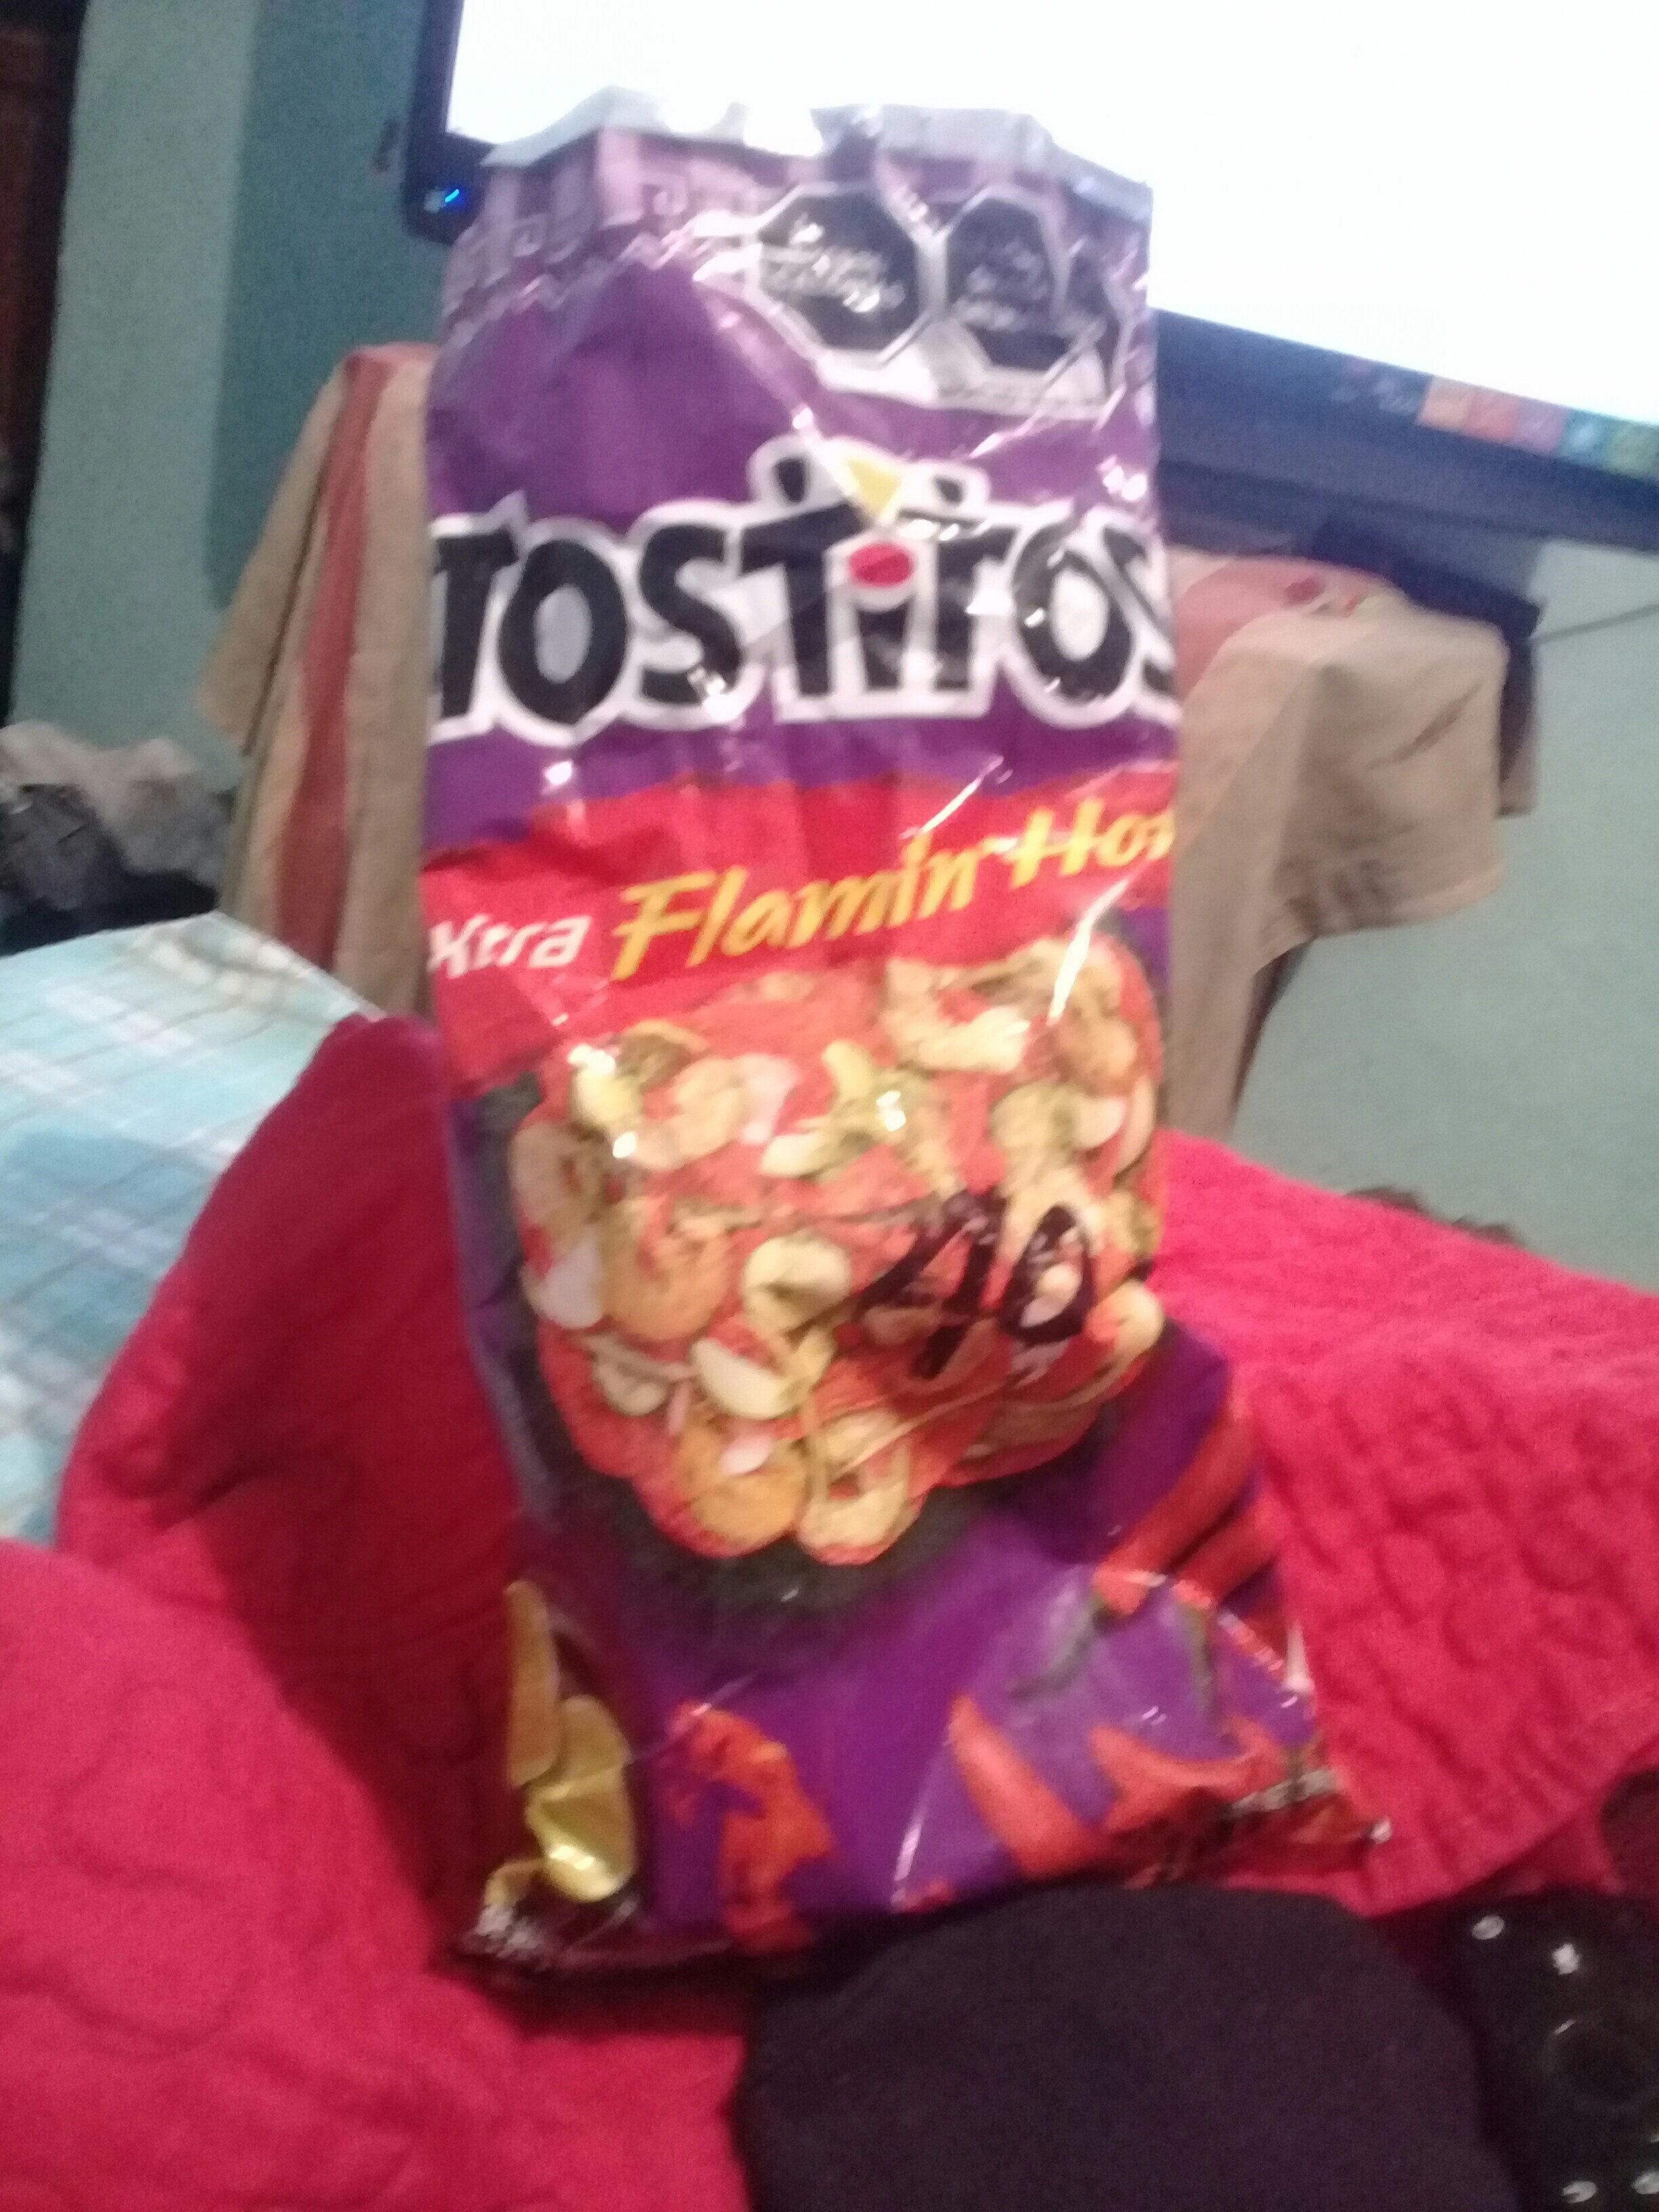 tostitos - Producto - es